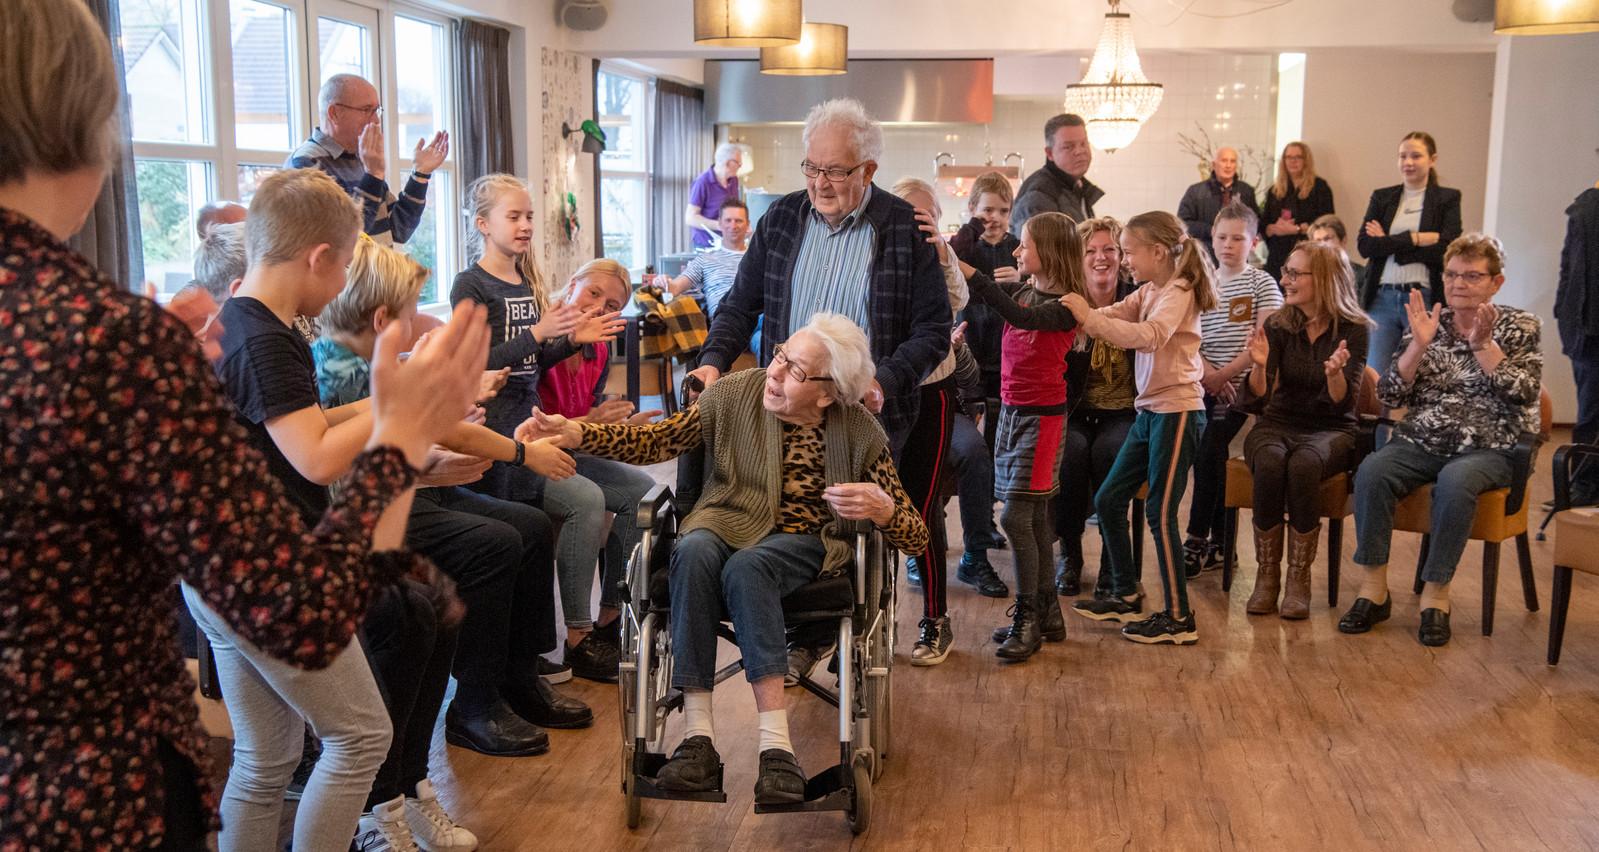 Leerlingen van OBS Heidepark dansen met bewoners van Verzorgingshuis Brugstede.